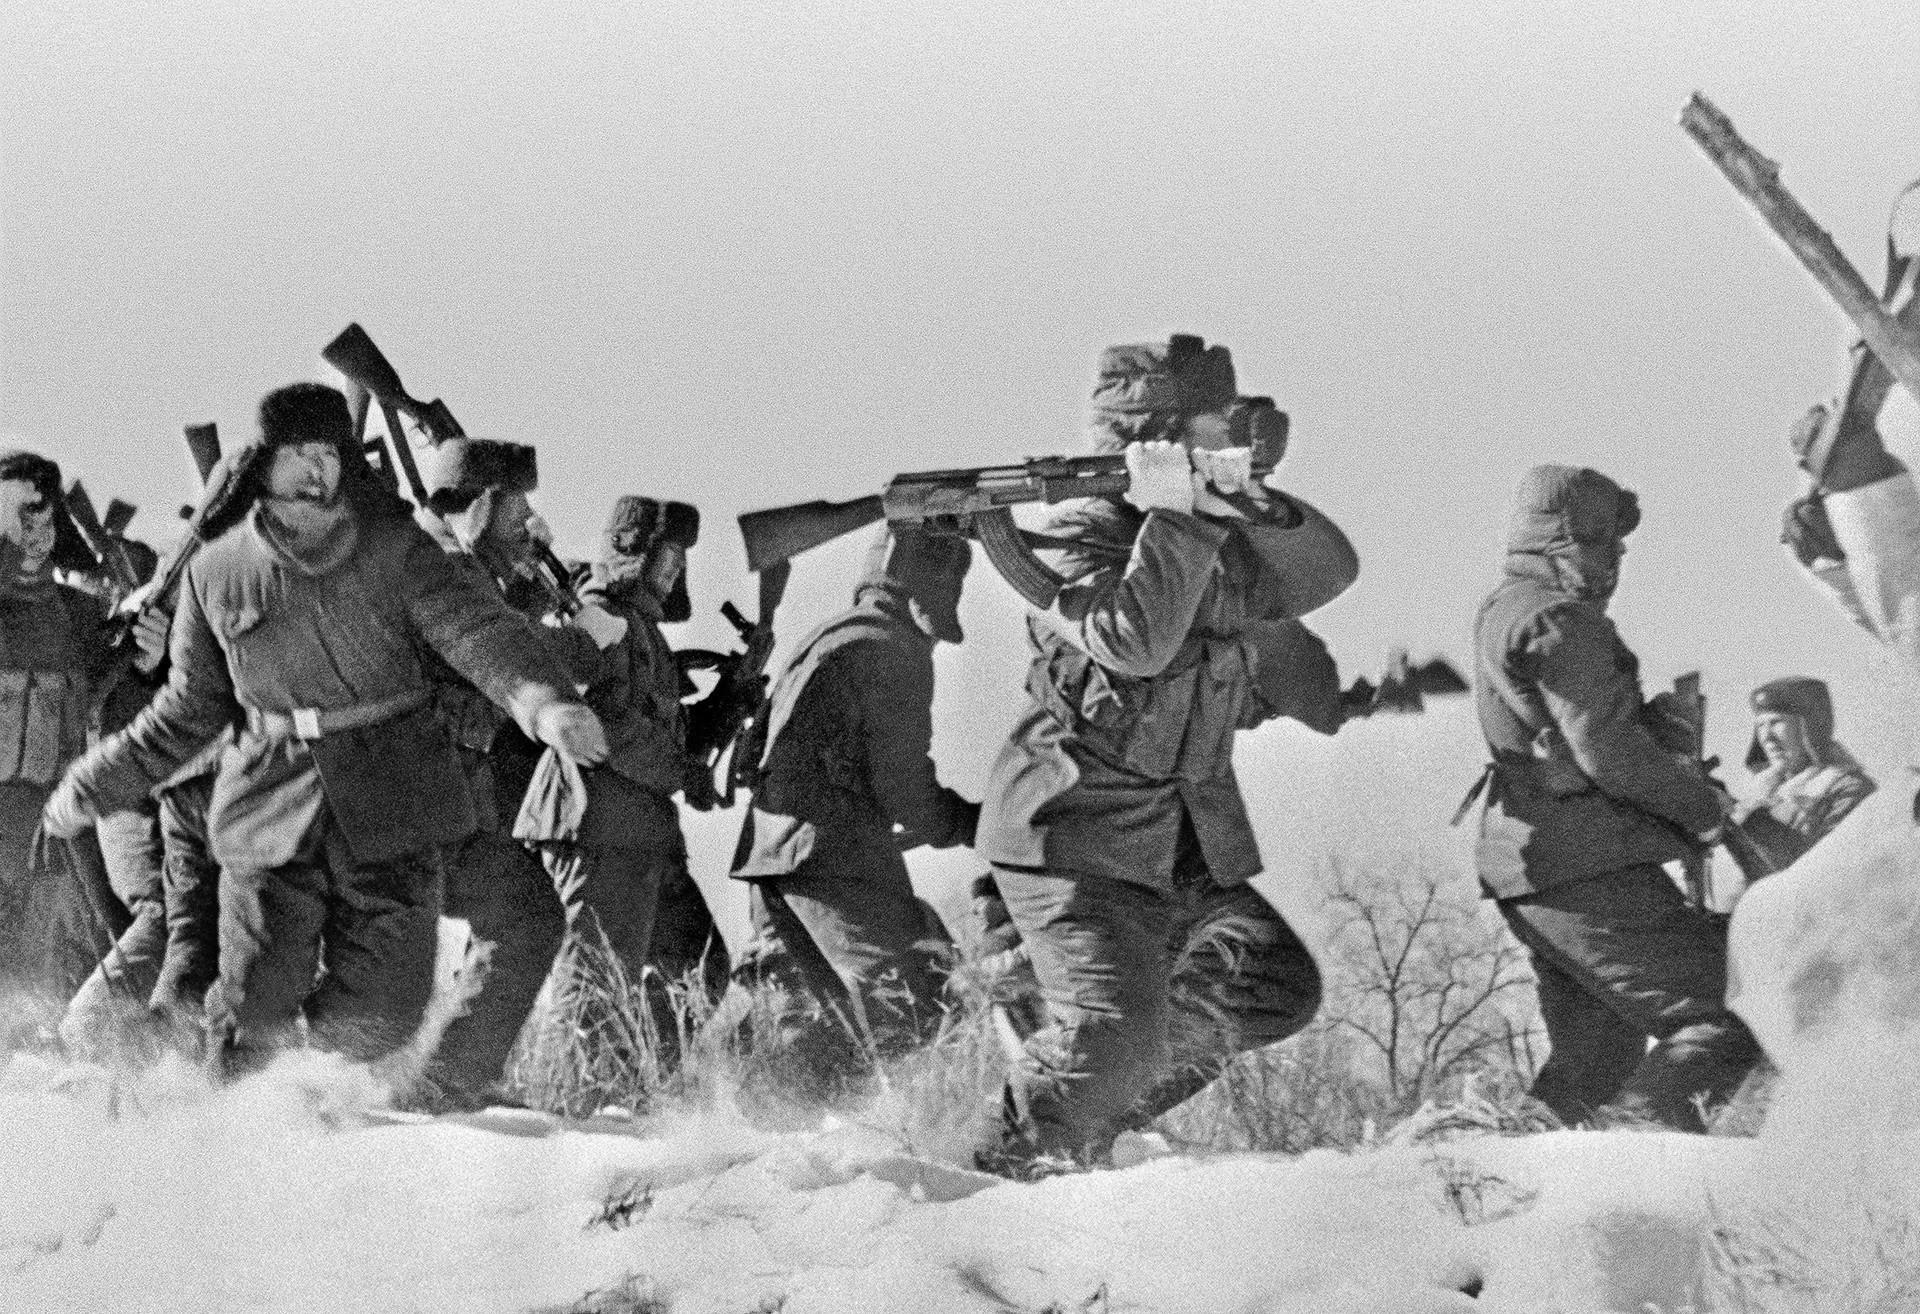 Советско-кинескиот пограничен конфликт од 1969. Одред кинески војници се обидува да се пробие на островот Дамански на територијата на СССР